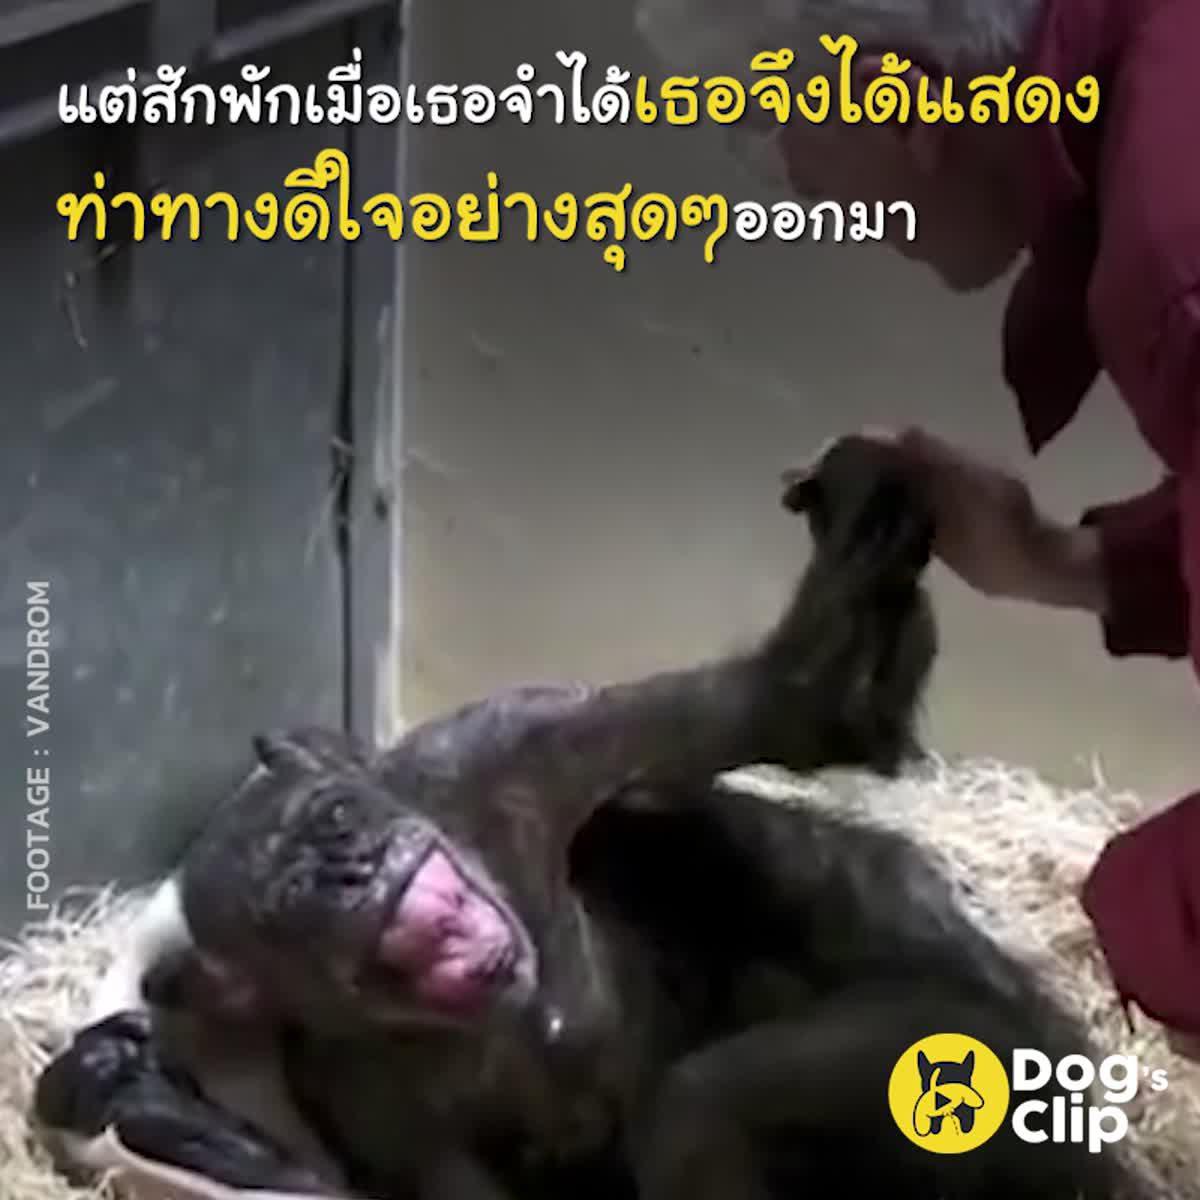 การบอกลาครั้งสุดท้ายของชิมแปนซีแก่และอดีตคนดูแล